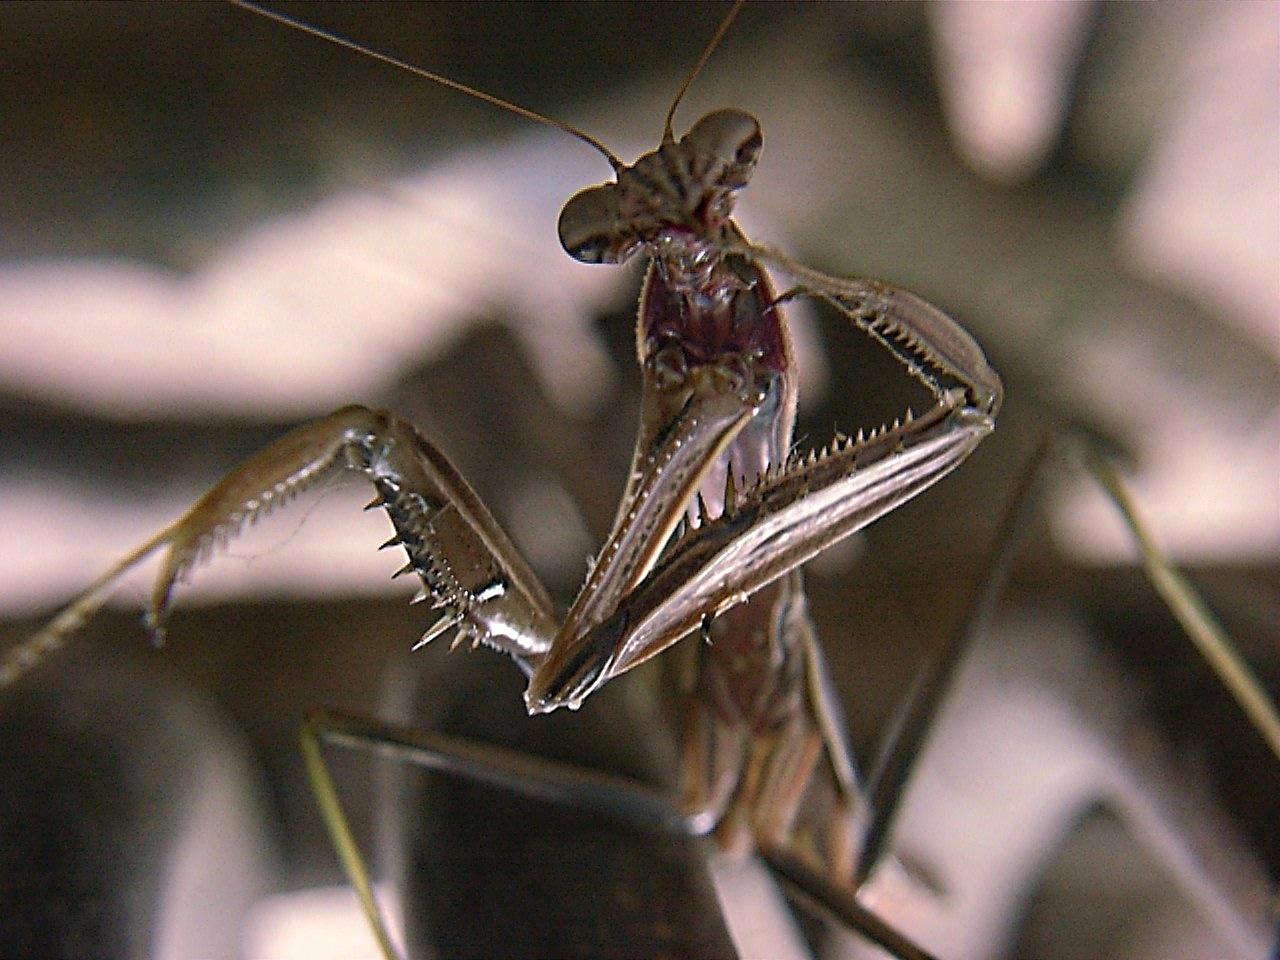 Mantis (4) by Thomas Peace 2013